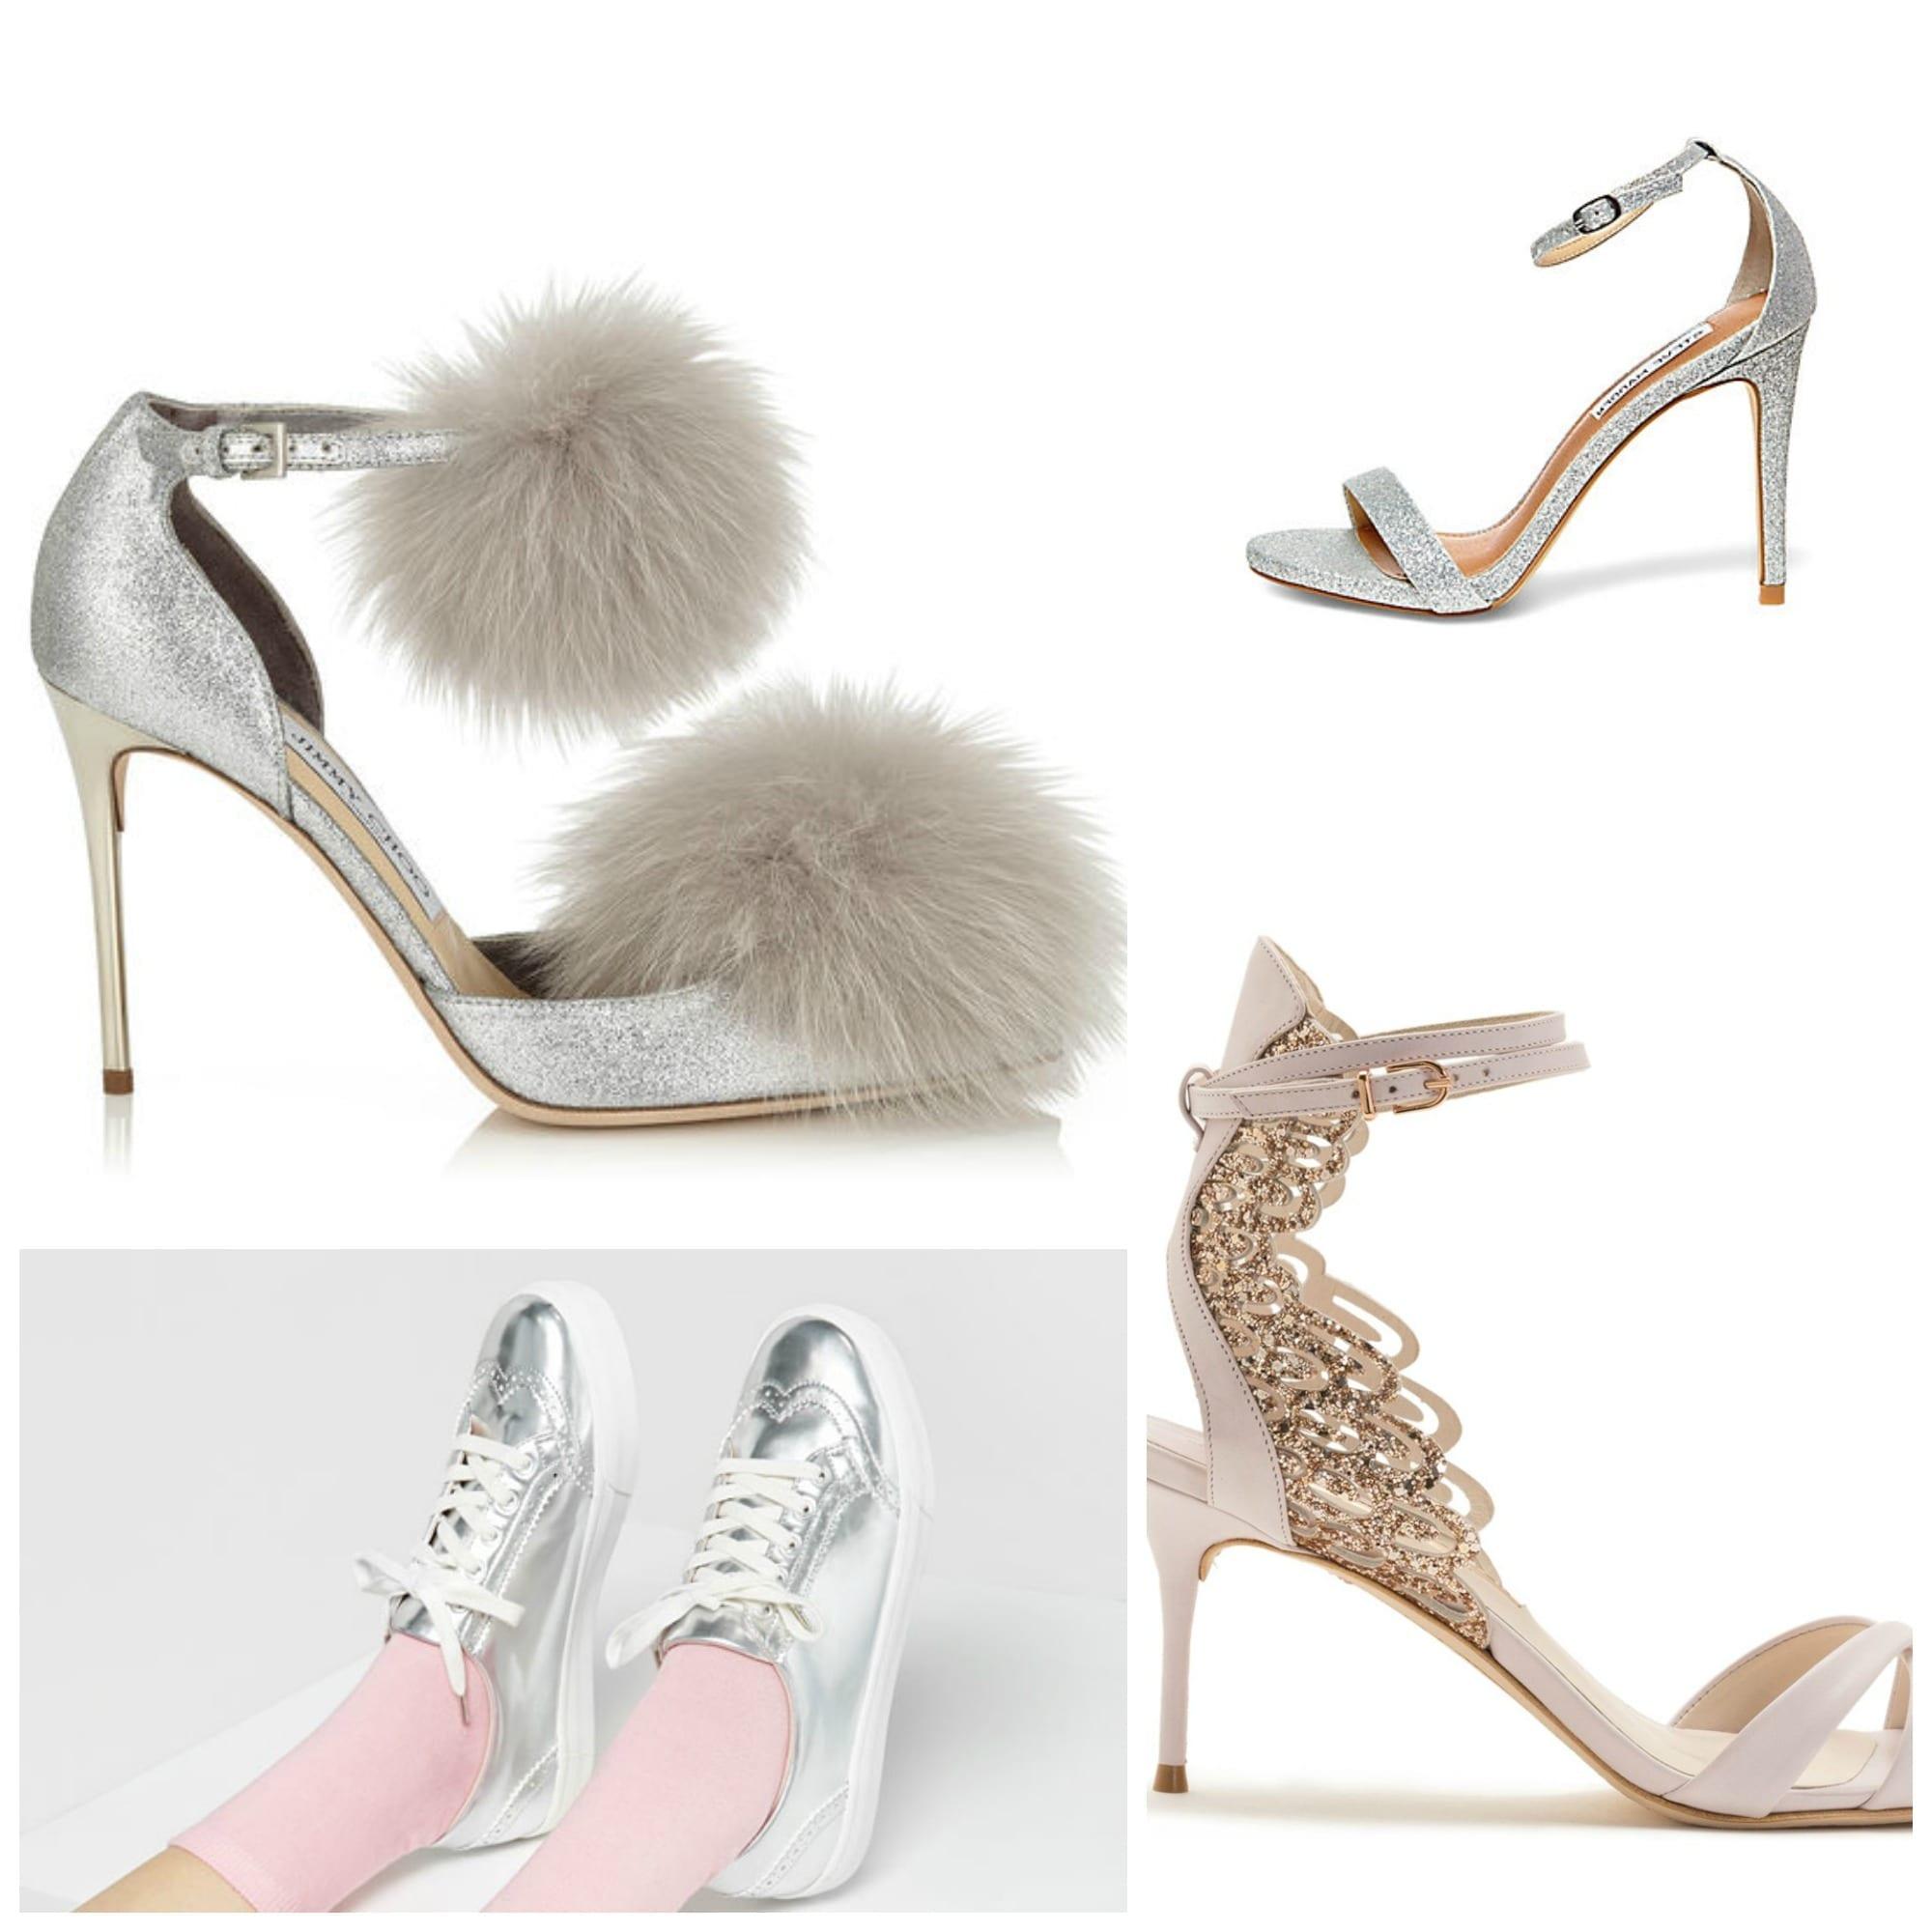 che scarpe vanno di moda, sophia webster shoes, rockstud valentino, glitter scarpe, theladycracy.it, elisa bellino, fashion blogger italiane, fashion blog italia